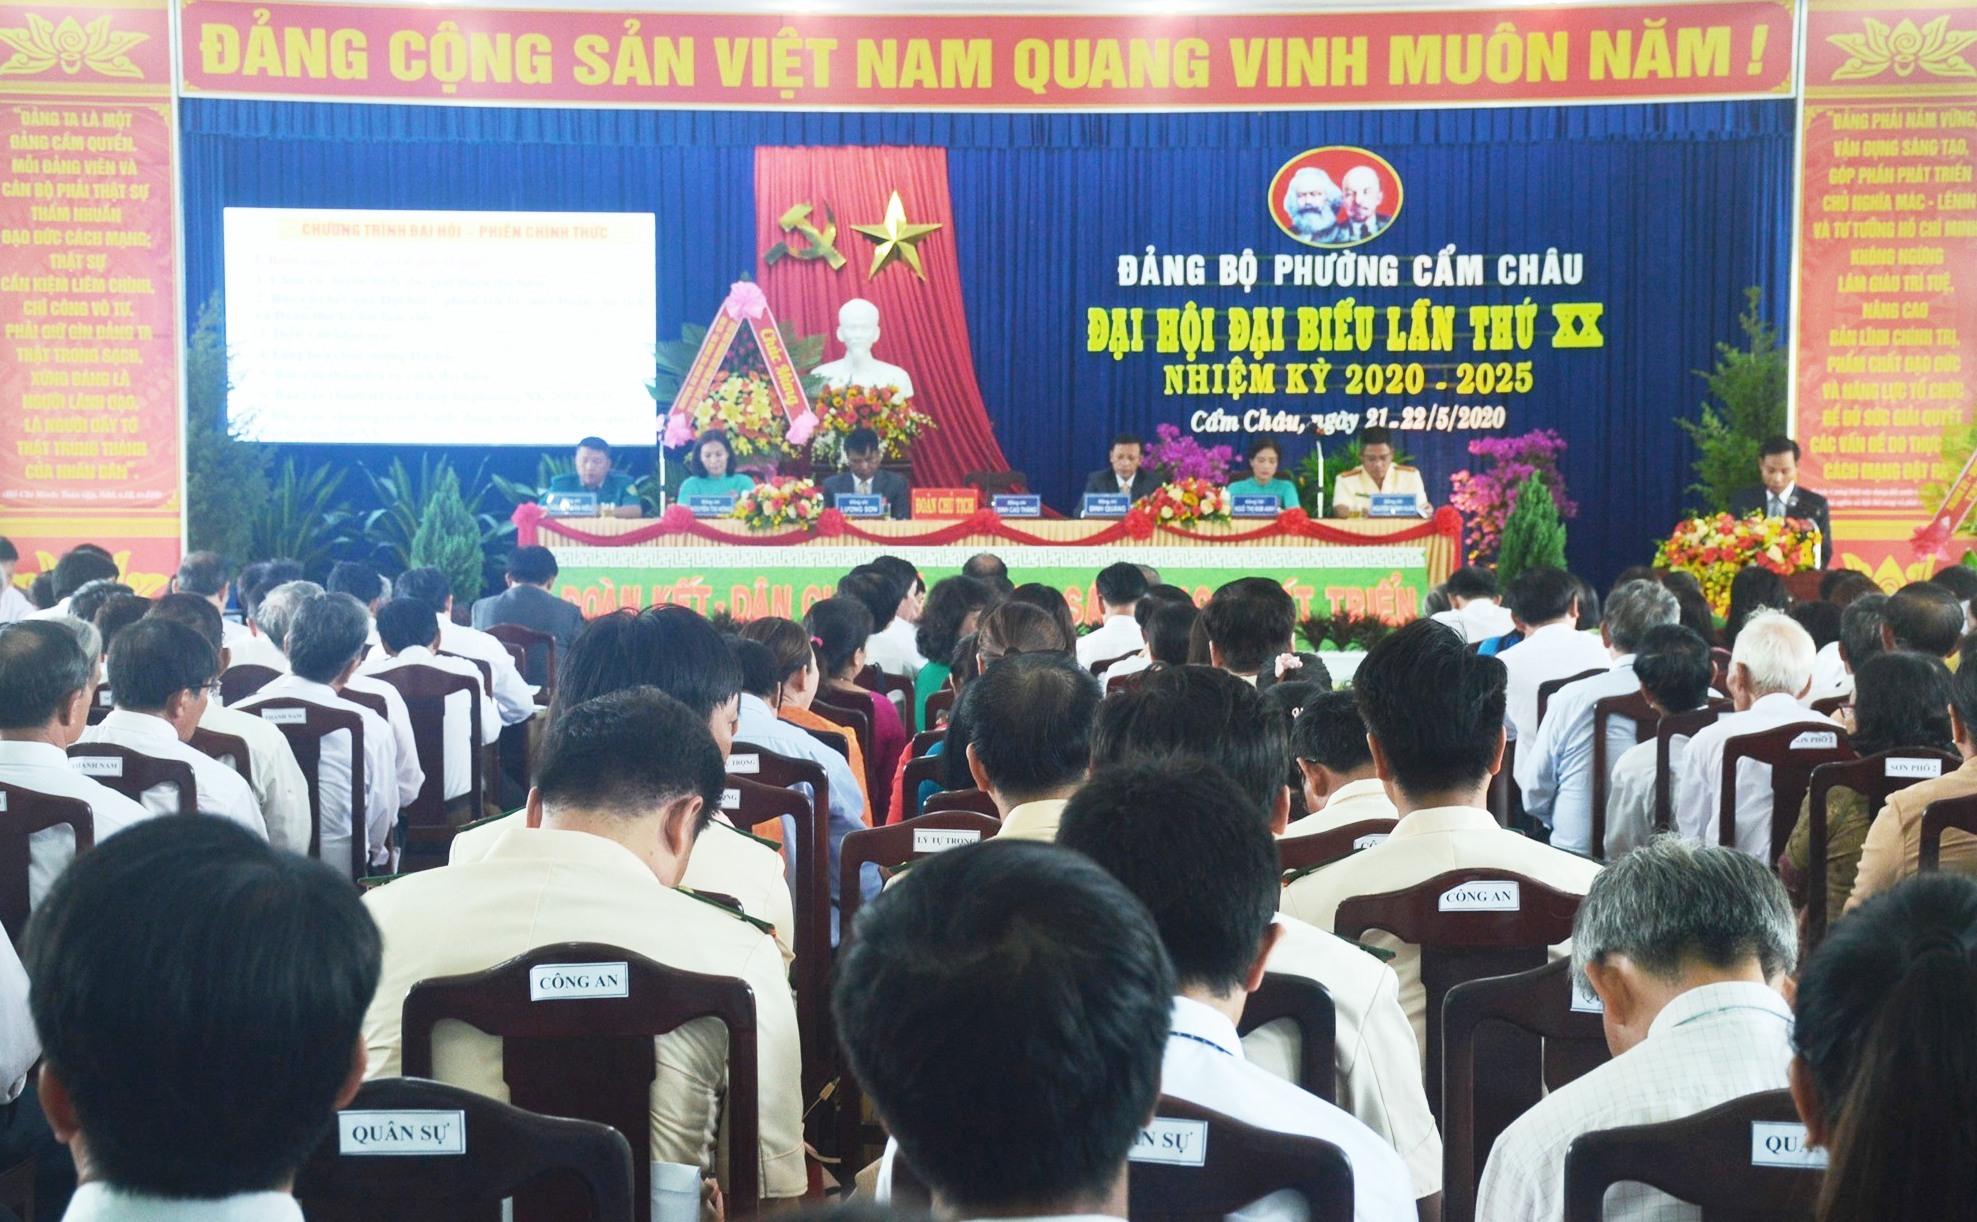 Quang cảnh đại hội đại biểu Đảng bộ phường Cẩm Châu lần thứ XX. Ảnh: Q.T